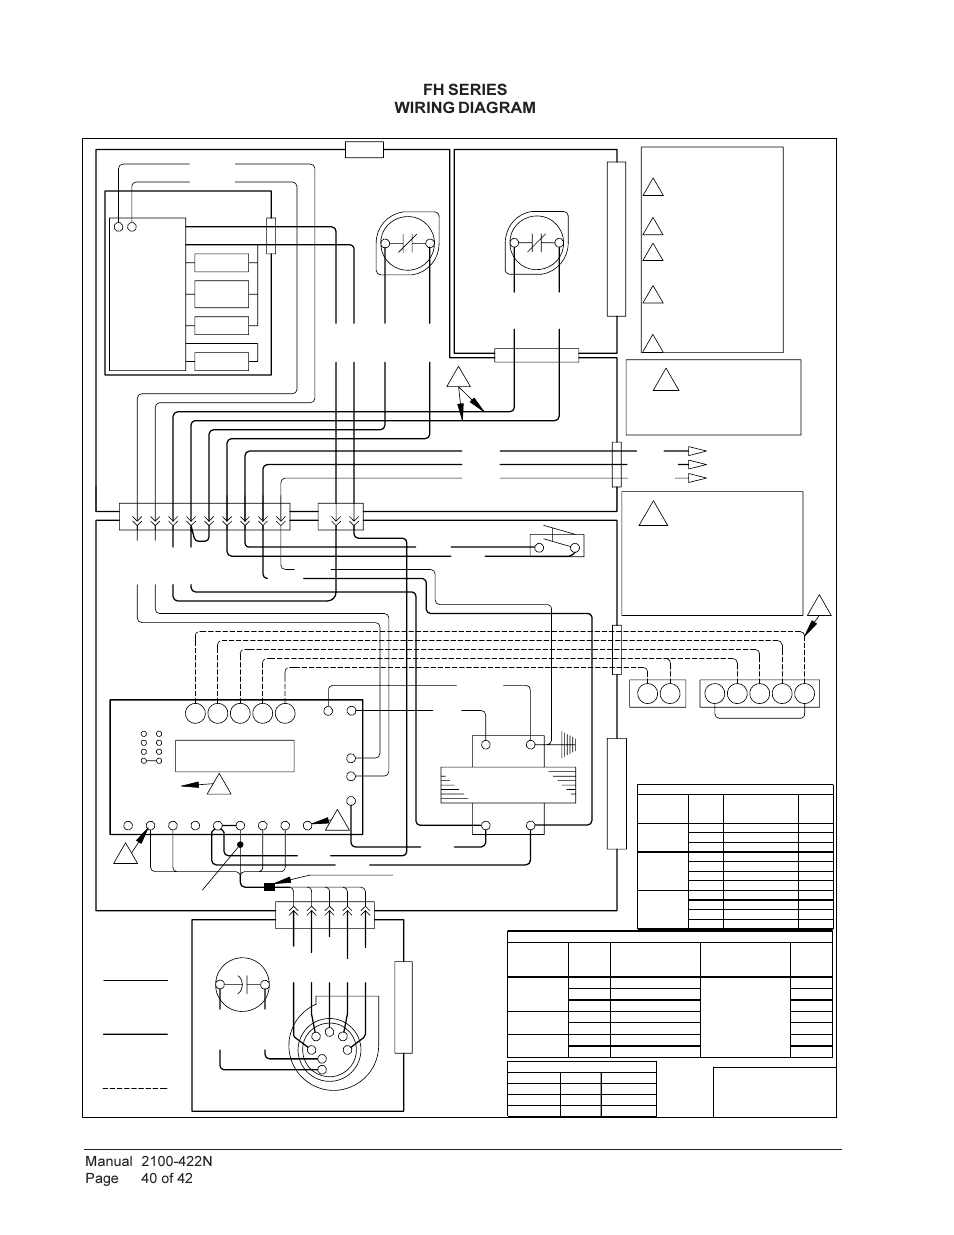 bard hvac wiring diagram